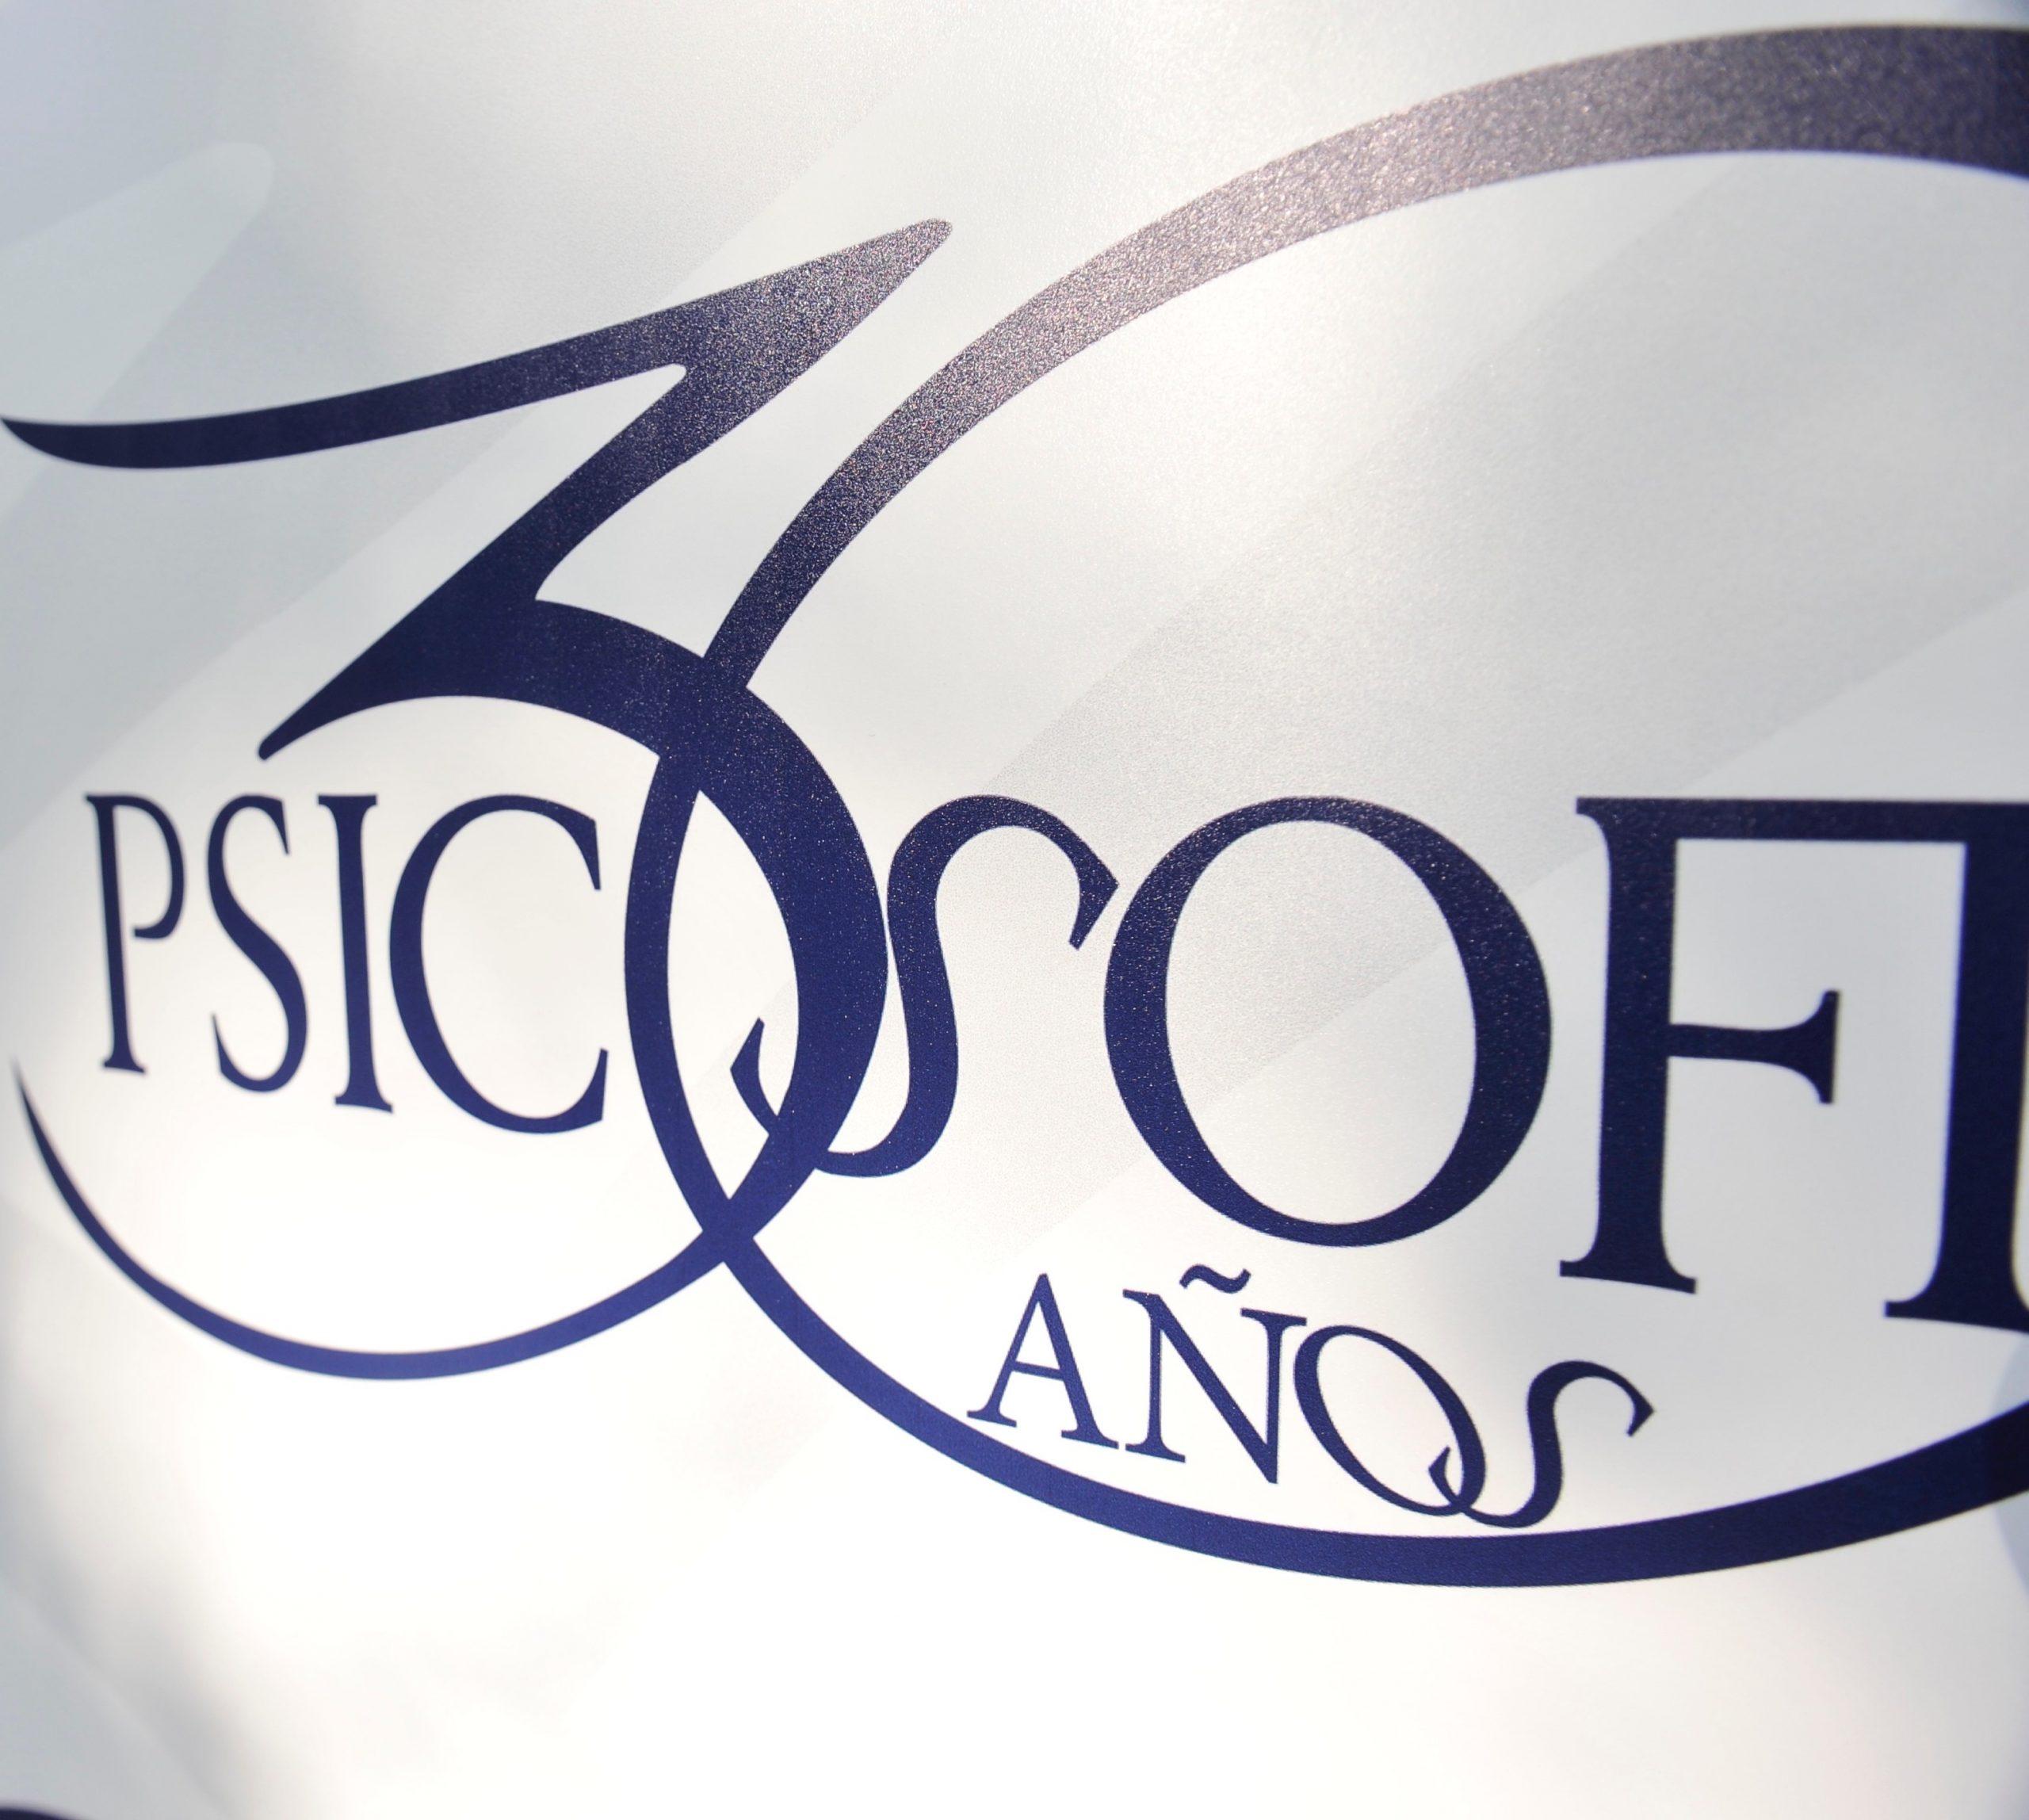 Psicosoft celebra su 30 aniversario rodeado de clientes y amigos